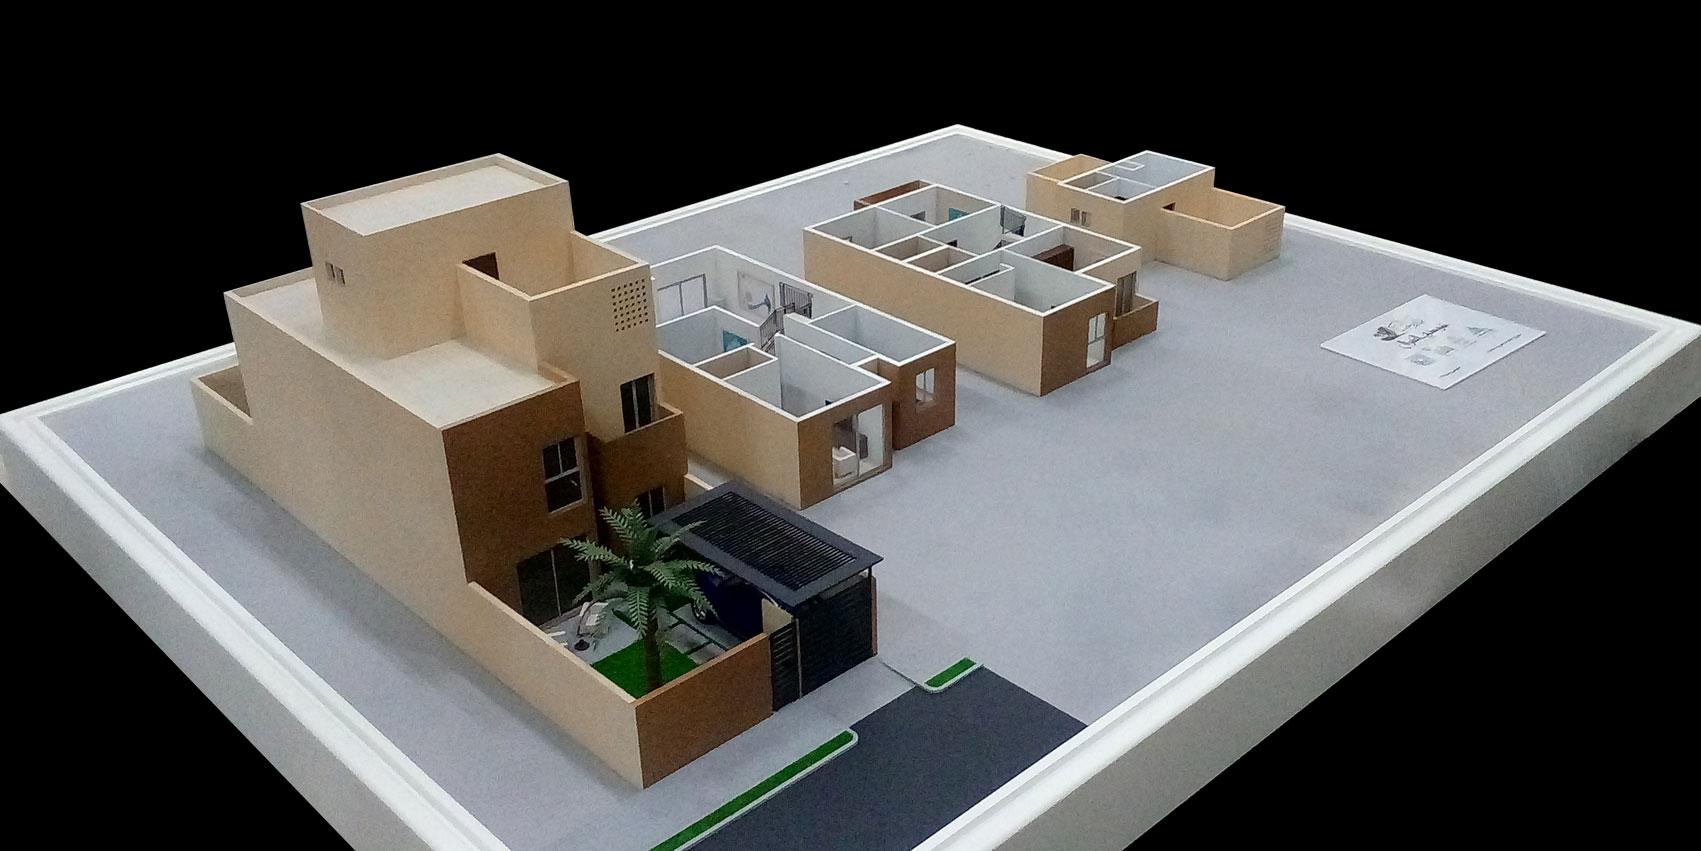 Scale Model - Architectural - Villas - Villa type 2 - UAE